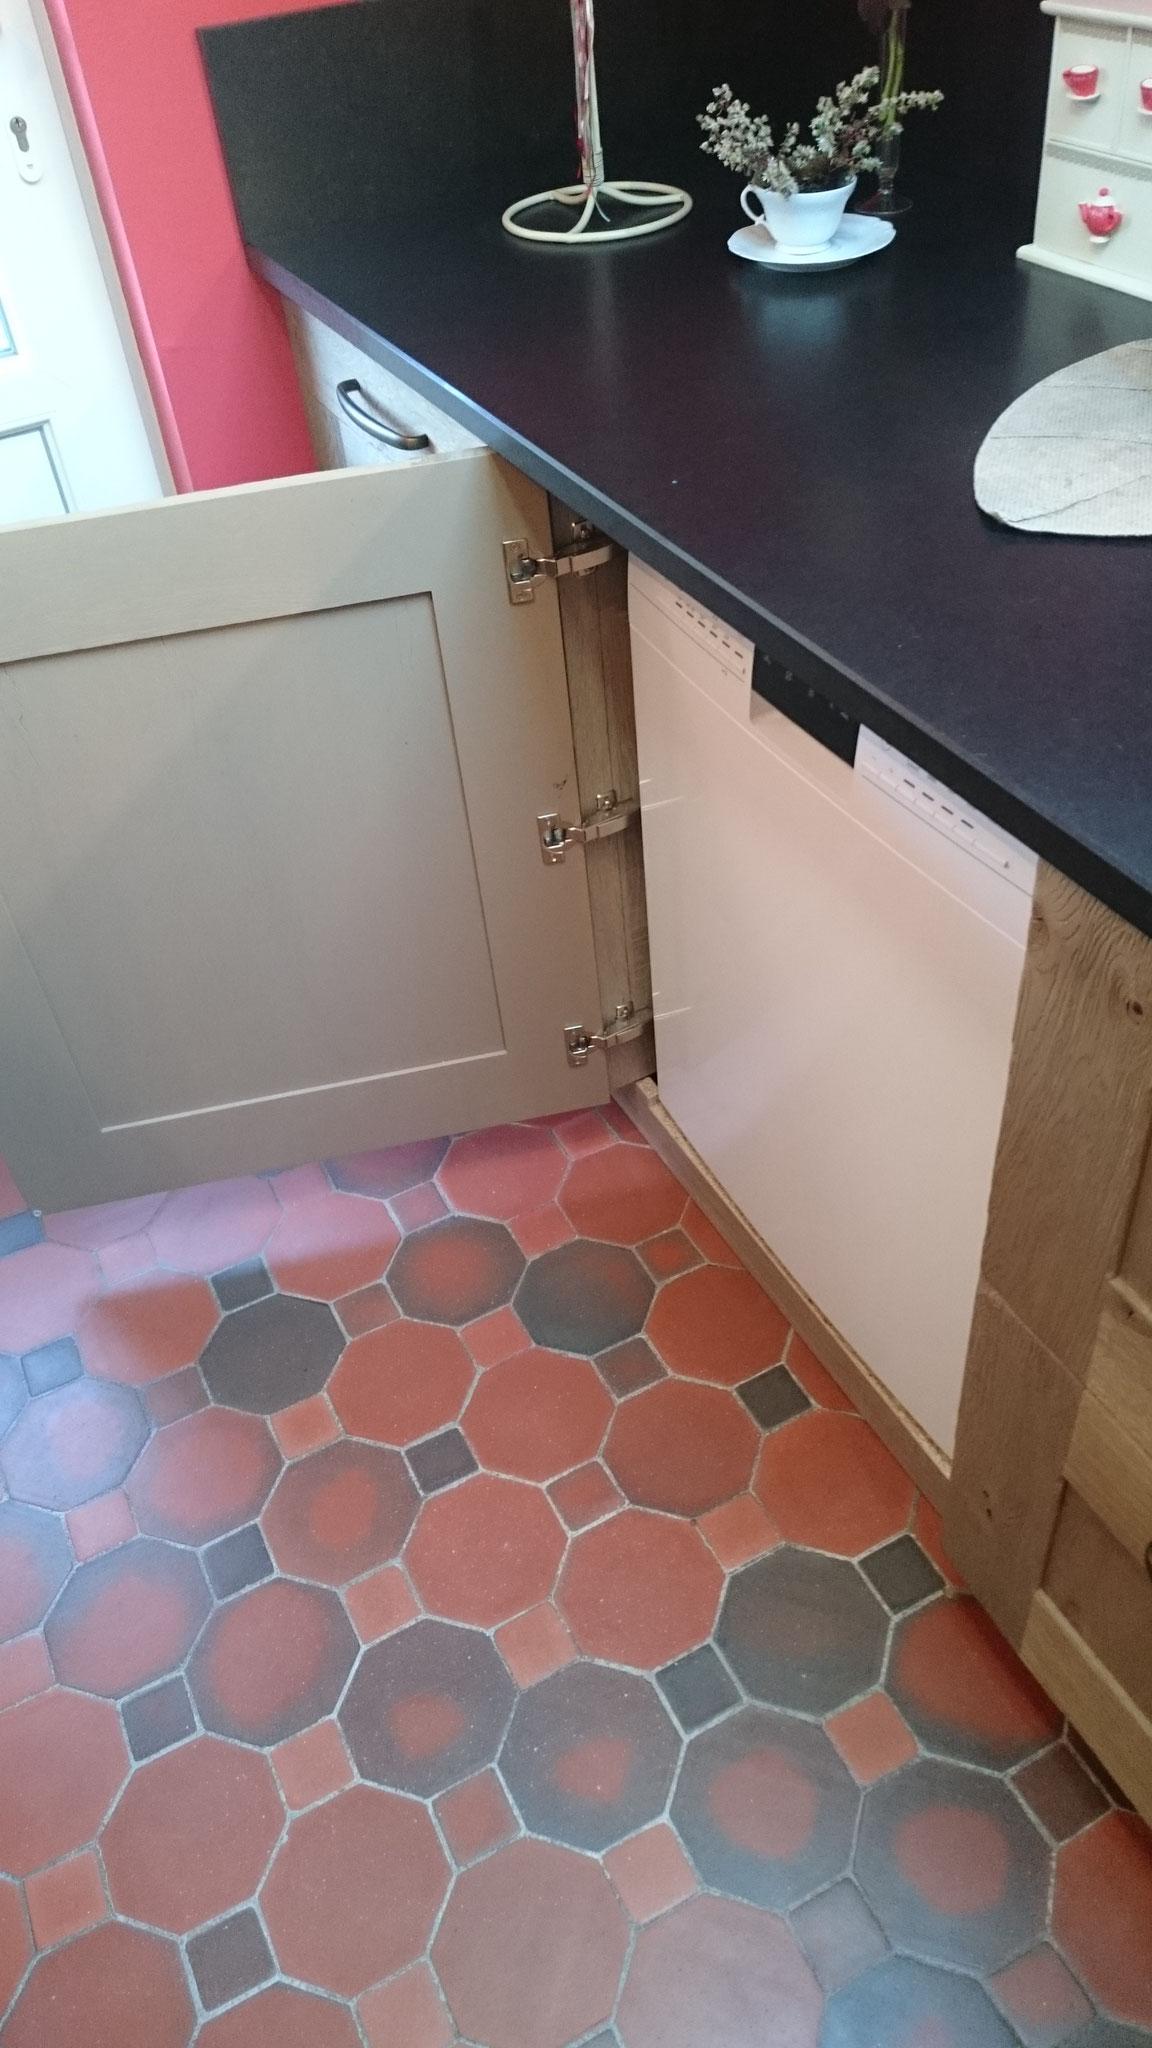 Lave-vaisselle non intégrable caché derrière une porte ouvrante